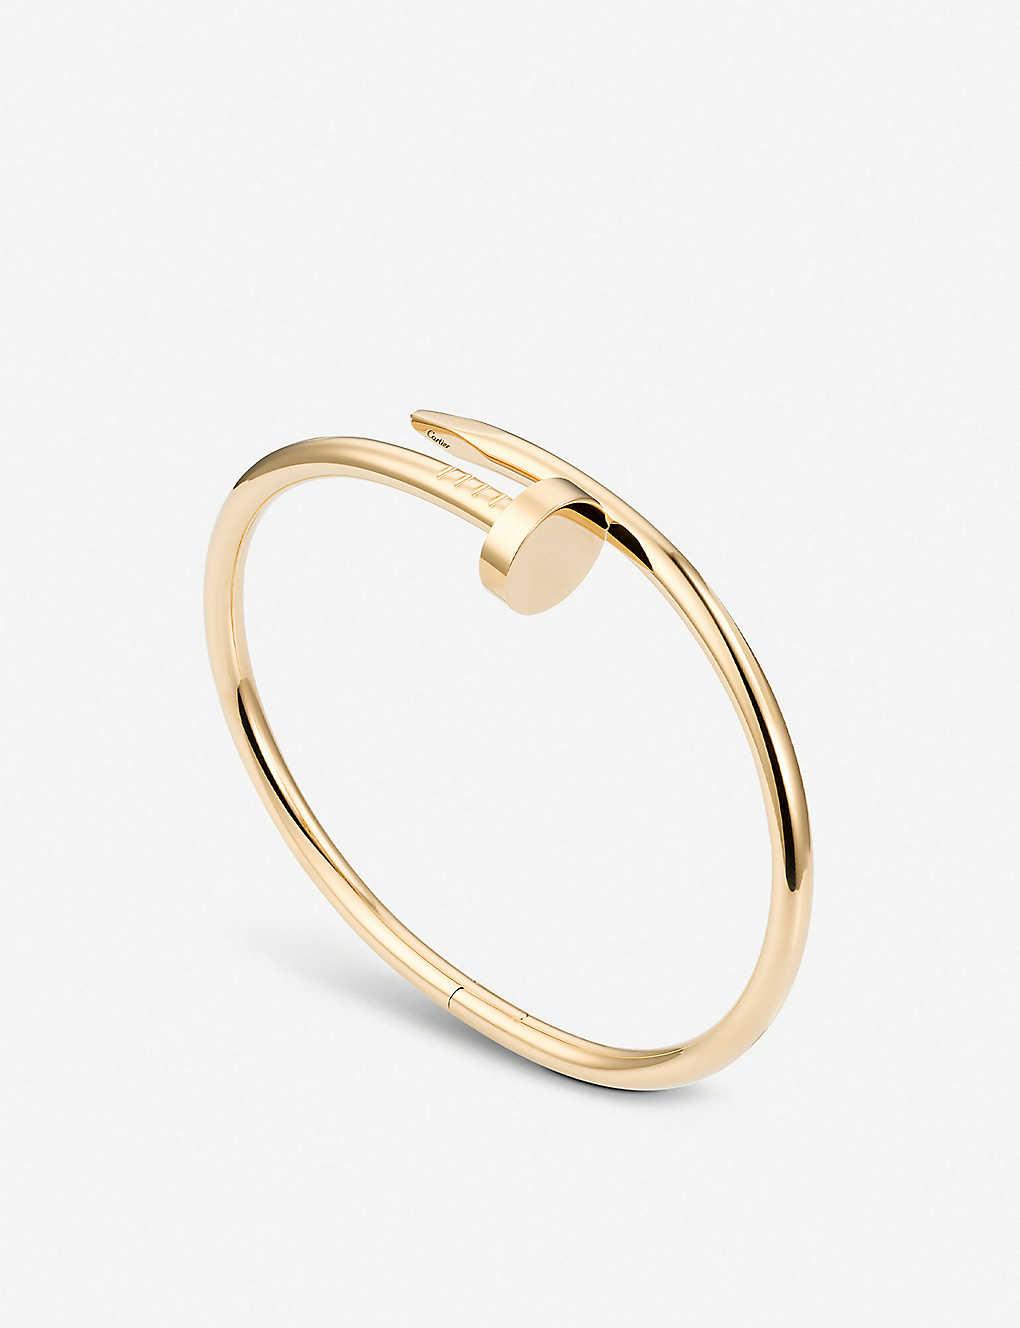 18f38b9d2a668 Juste un Clou 18ct yellow-gold bracelet